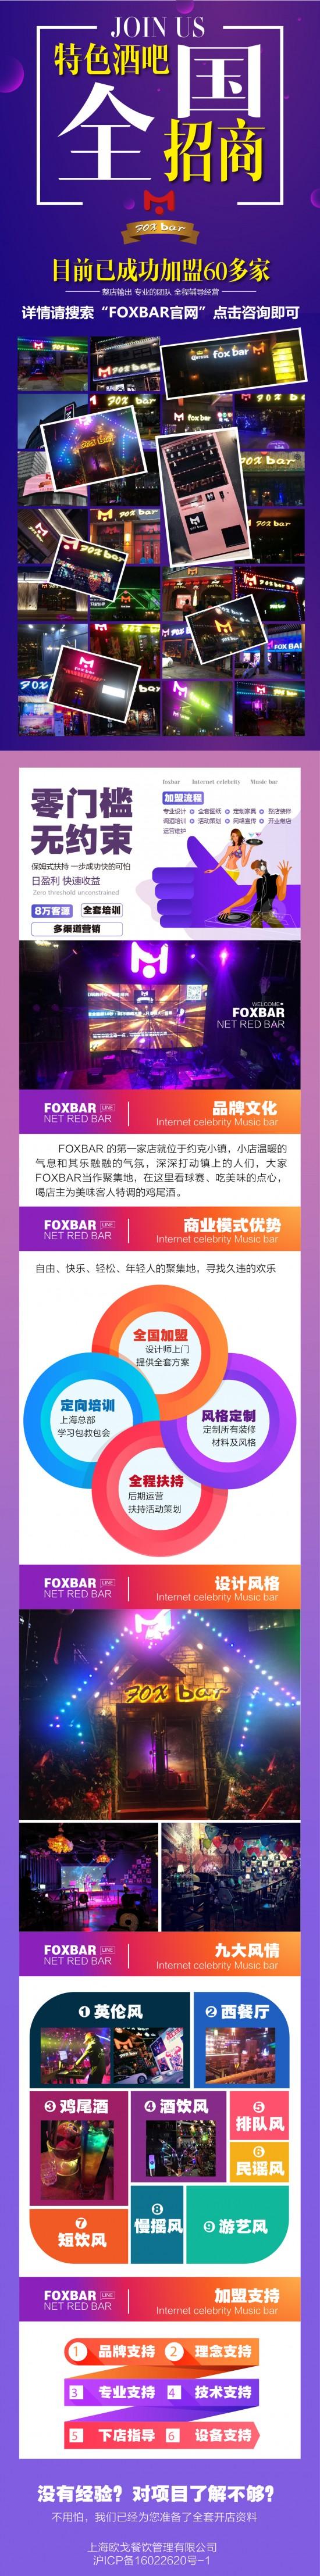 清吧加盟foxbar連鎖品牌